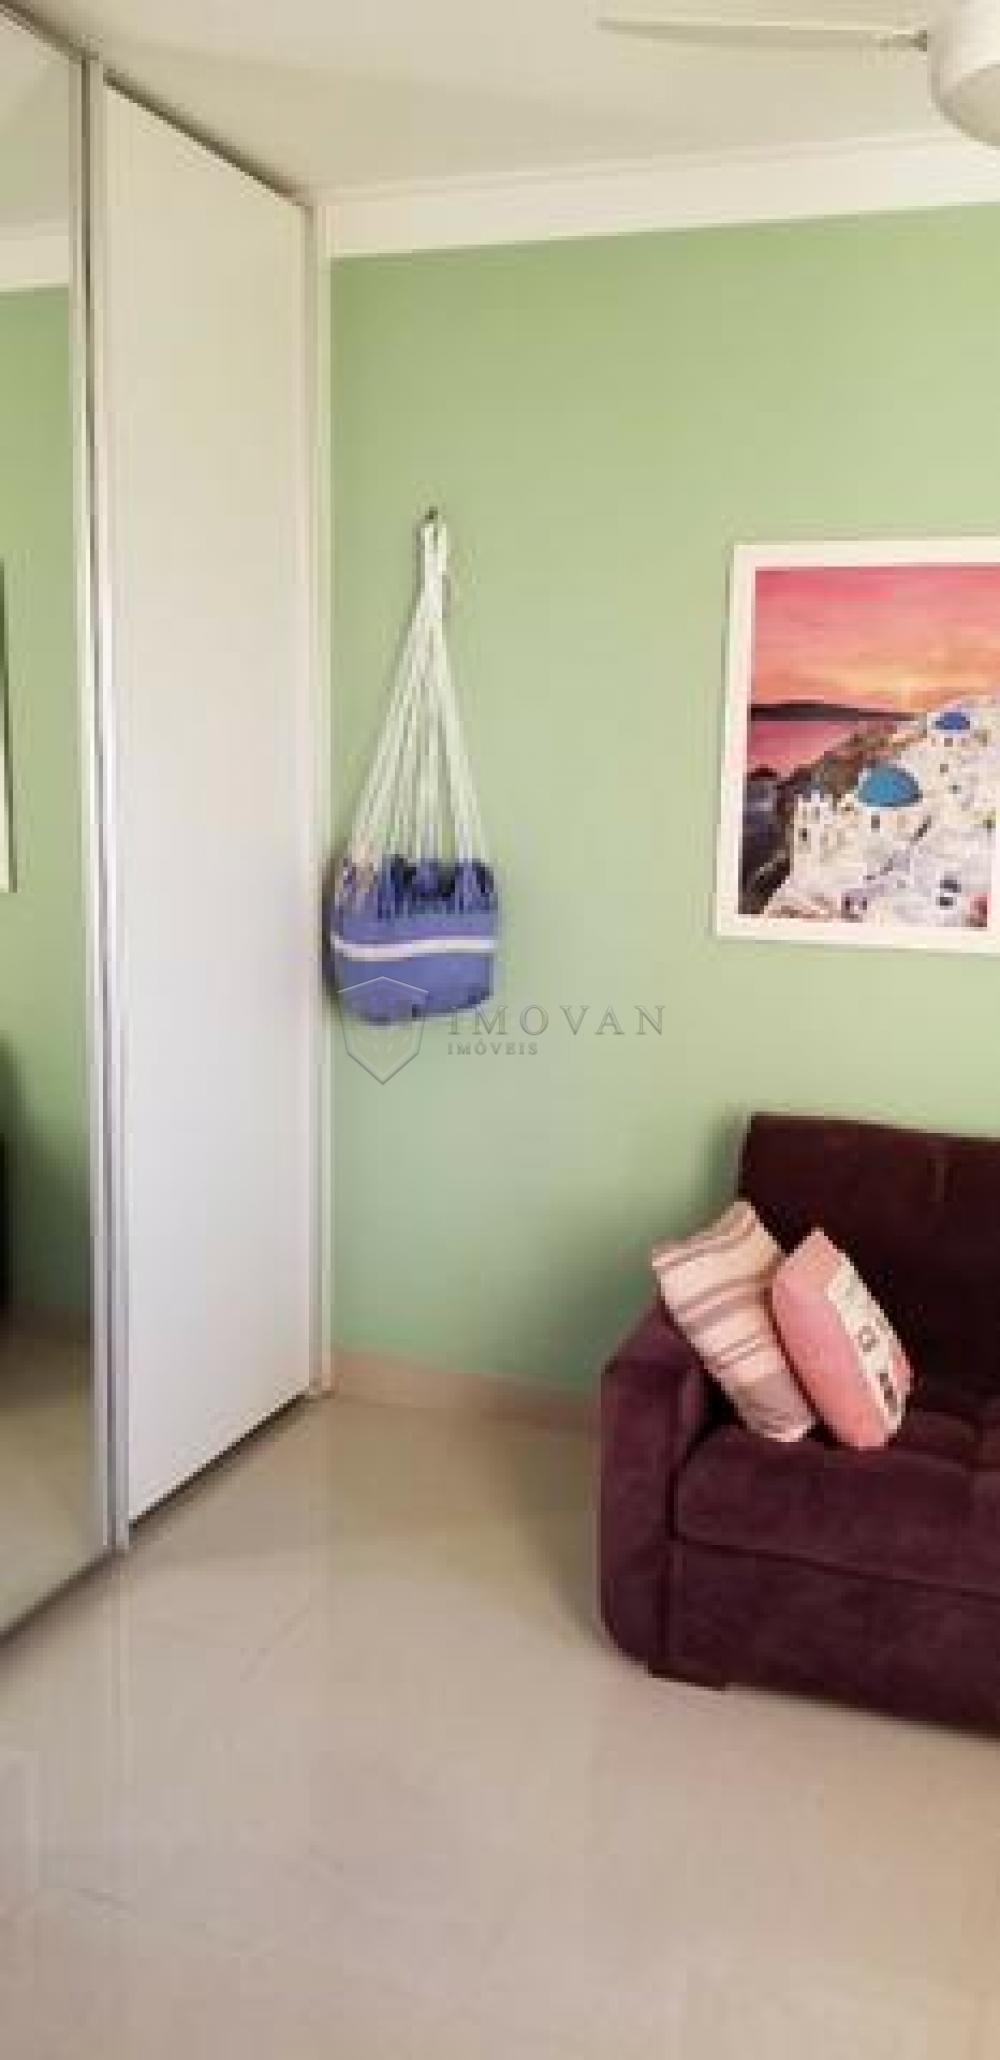 Comprar Apartamento / Padrão em Ribeirão Preto apenas R$ 485.000,00 - Foto 15